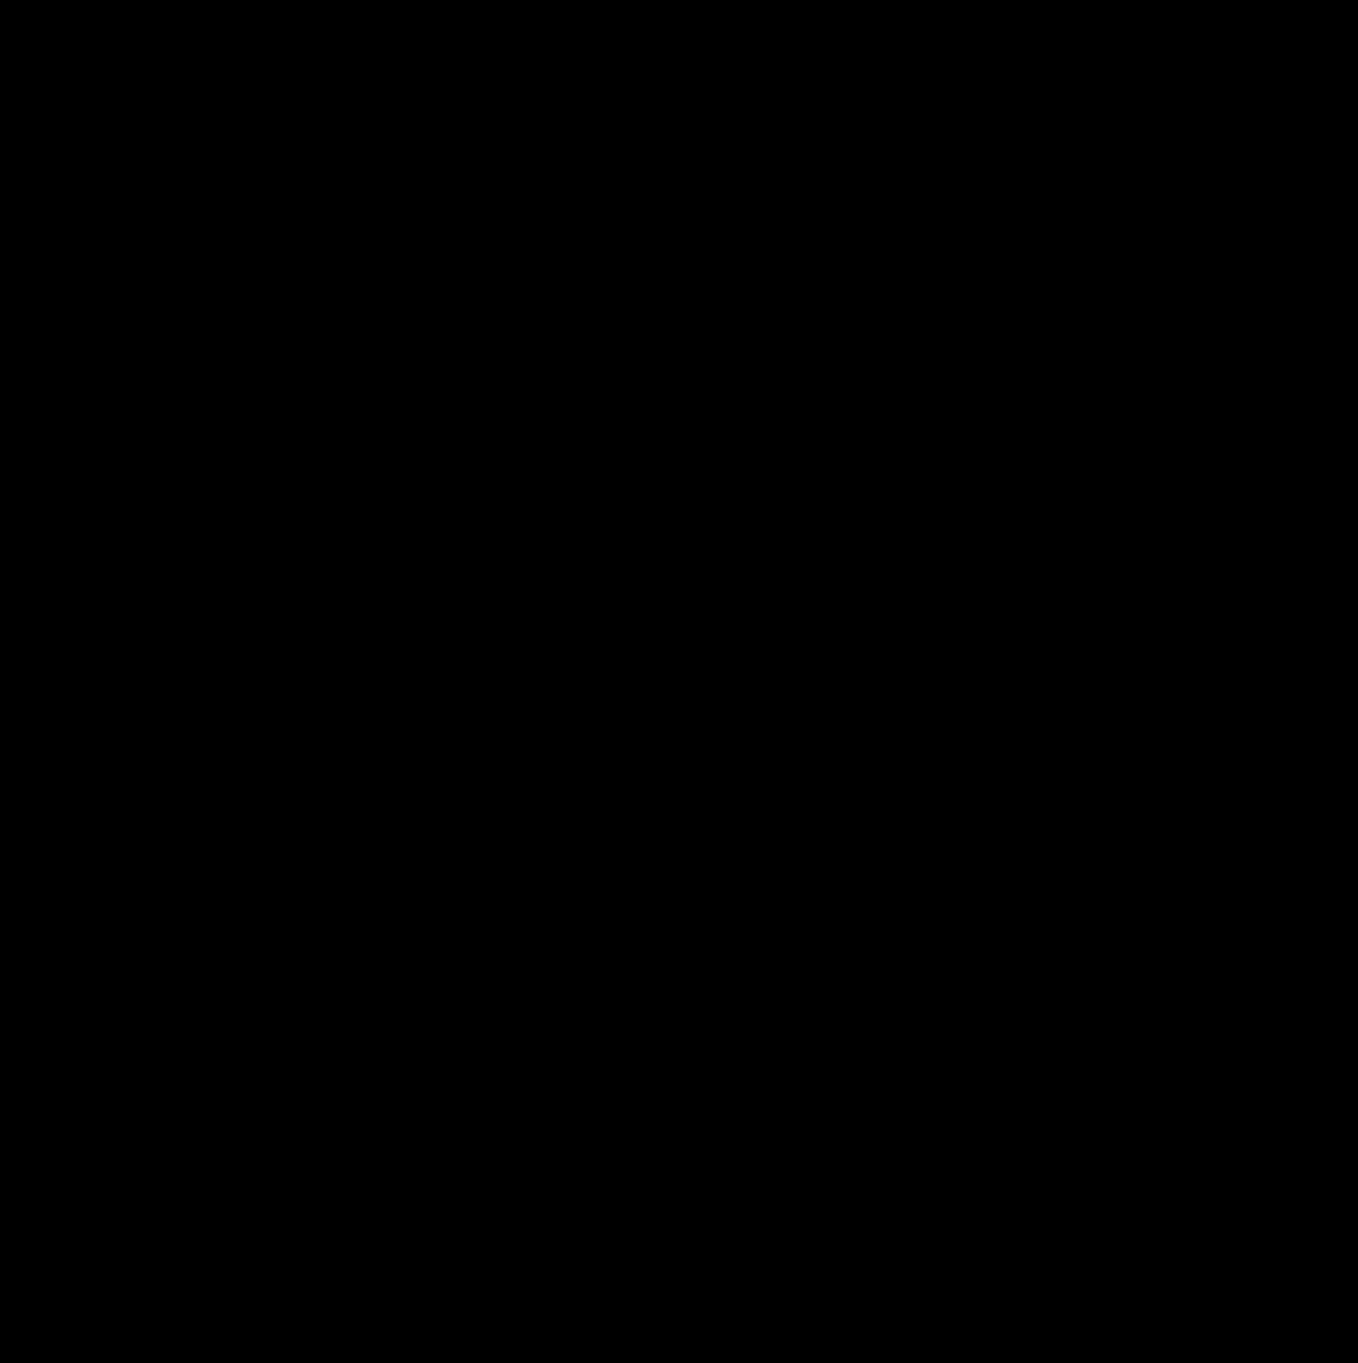 ktytac